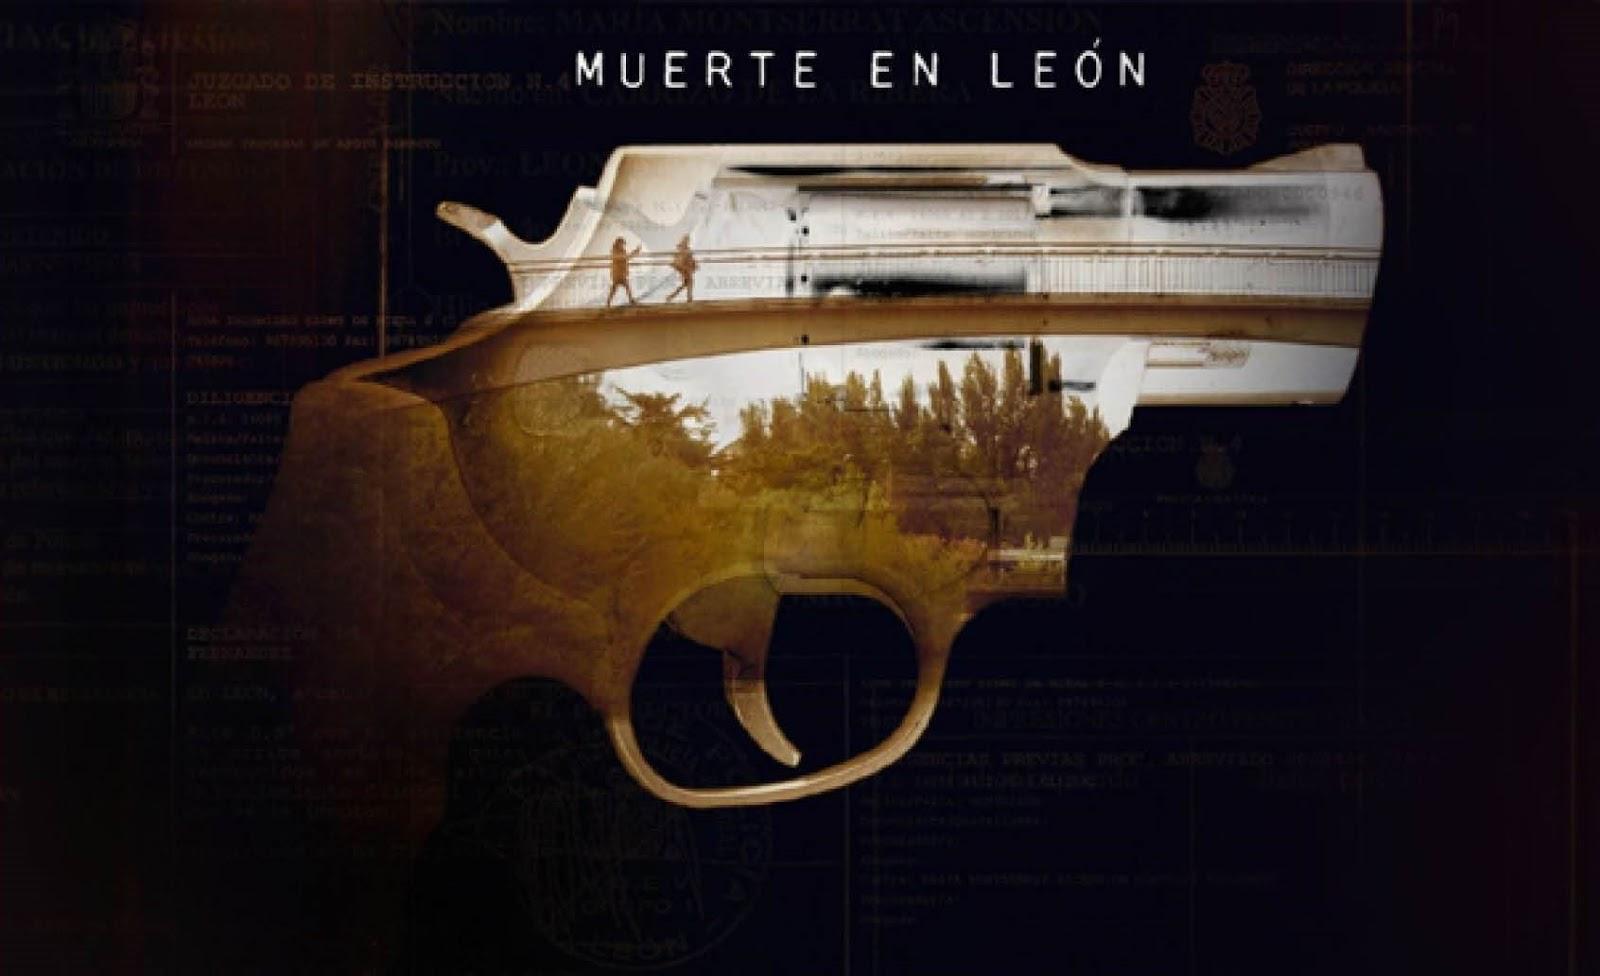 Imagen promocional de Muerte en León, la serie de no ficción de Movistar+